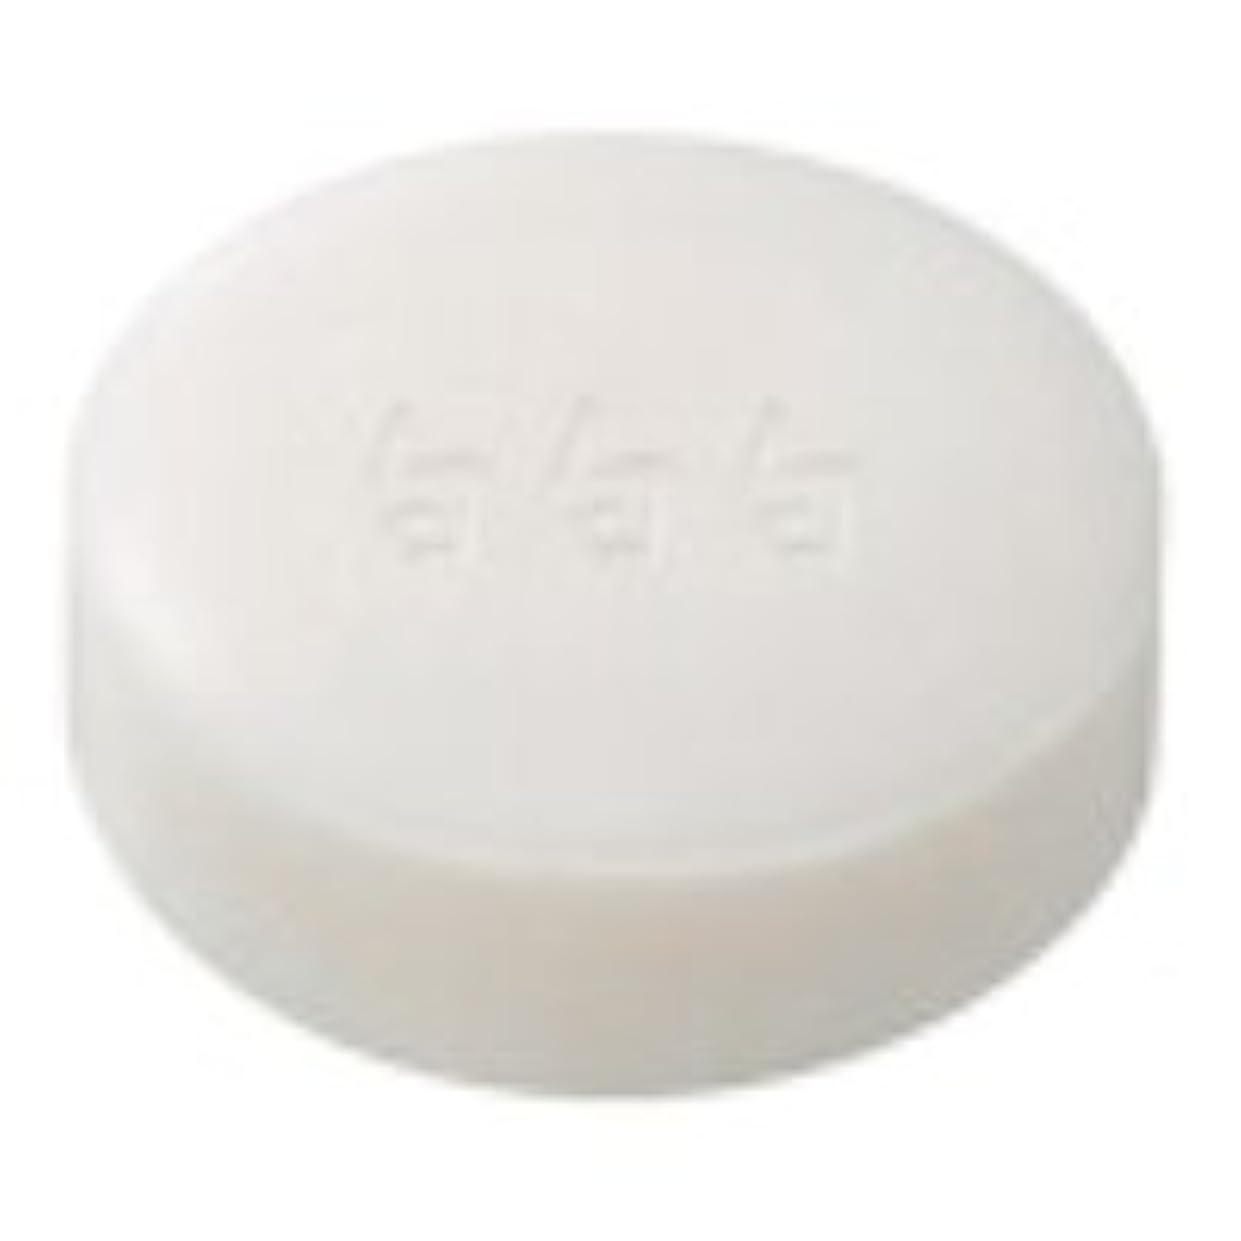 どっちくつろぎ四半期白白白ホワイトクリアソープ 90g